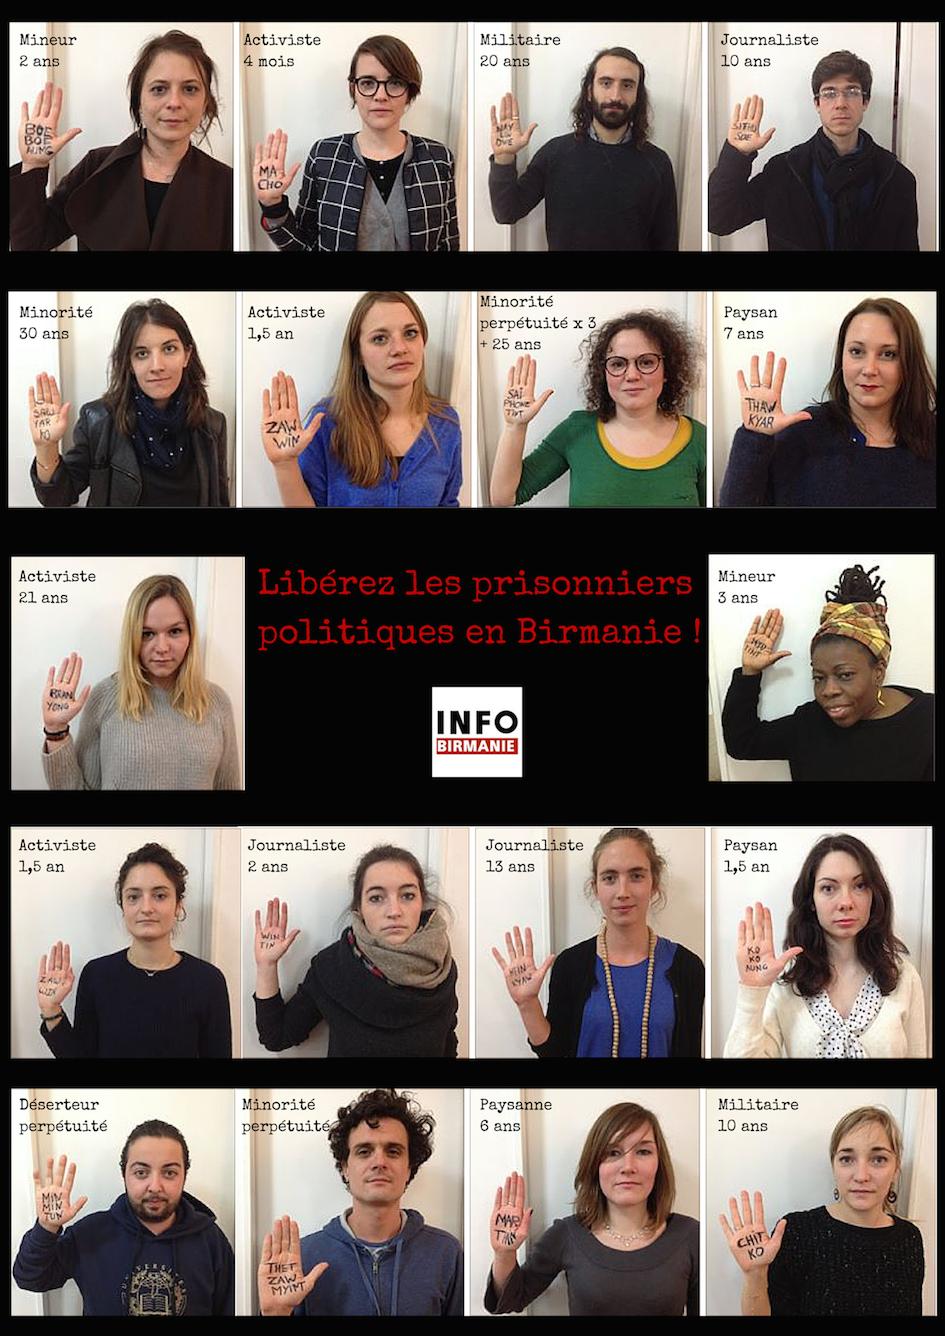 Participez à la campagne pour la libération des prisonniers politiques birmans